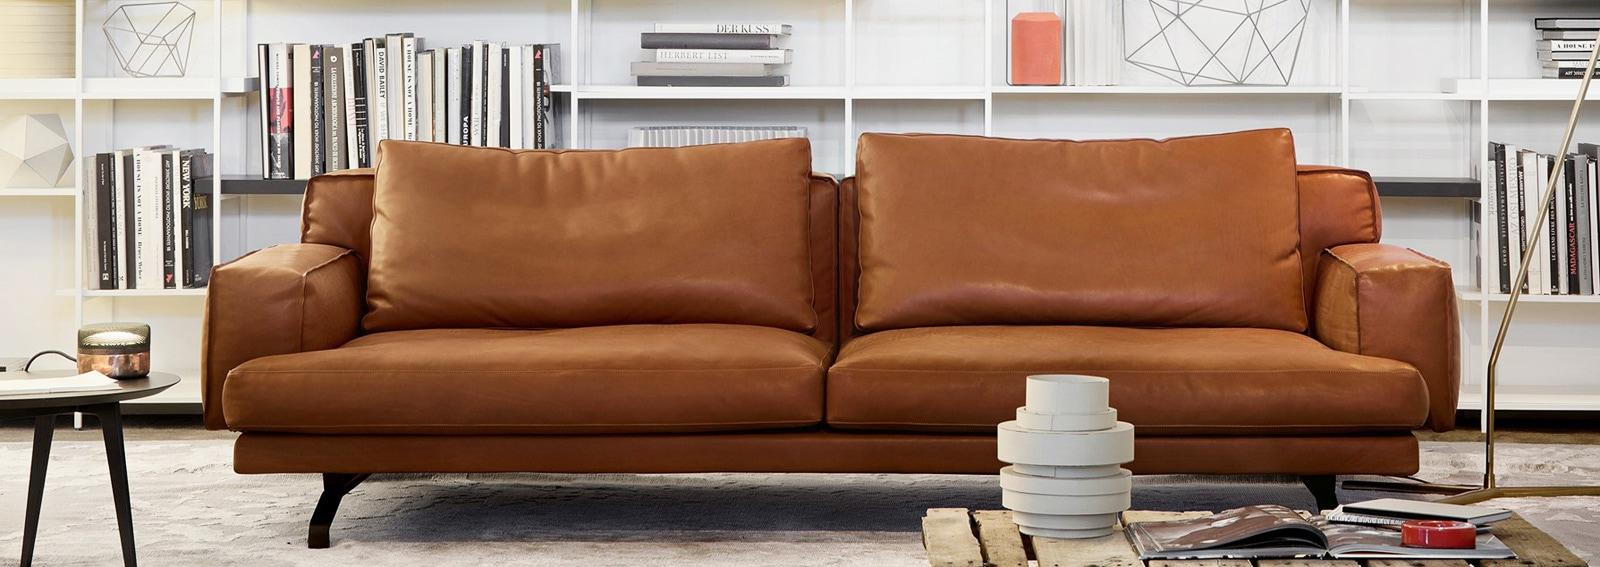 10 divani in pelle per arredare il soggiorno grazia - Divano in pelle ikea ...